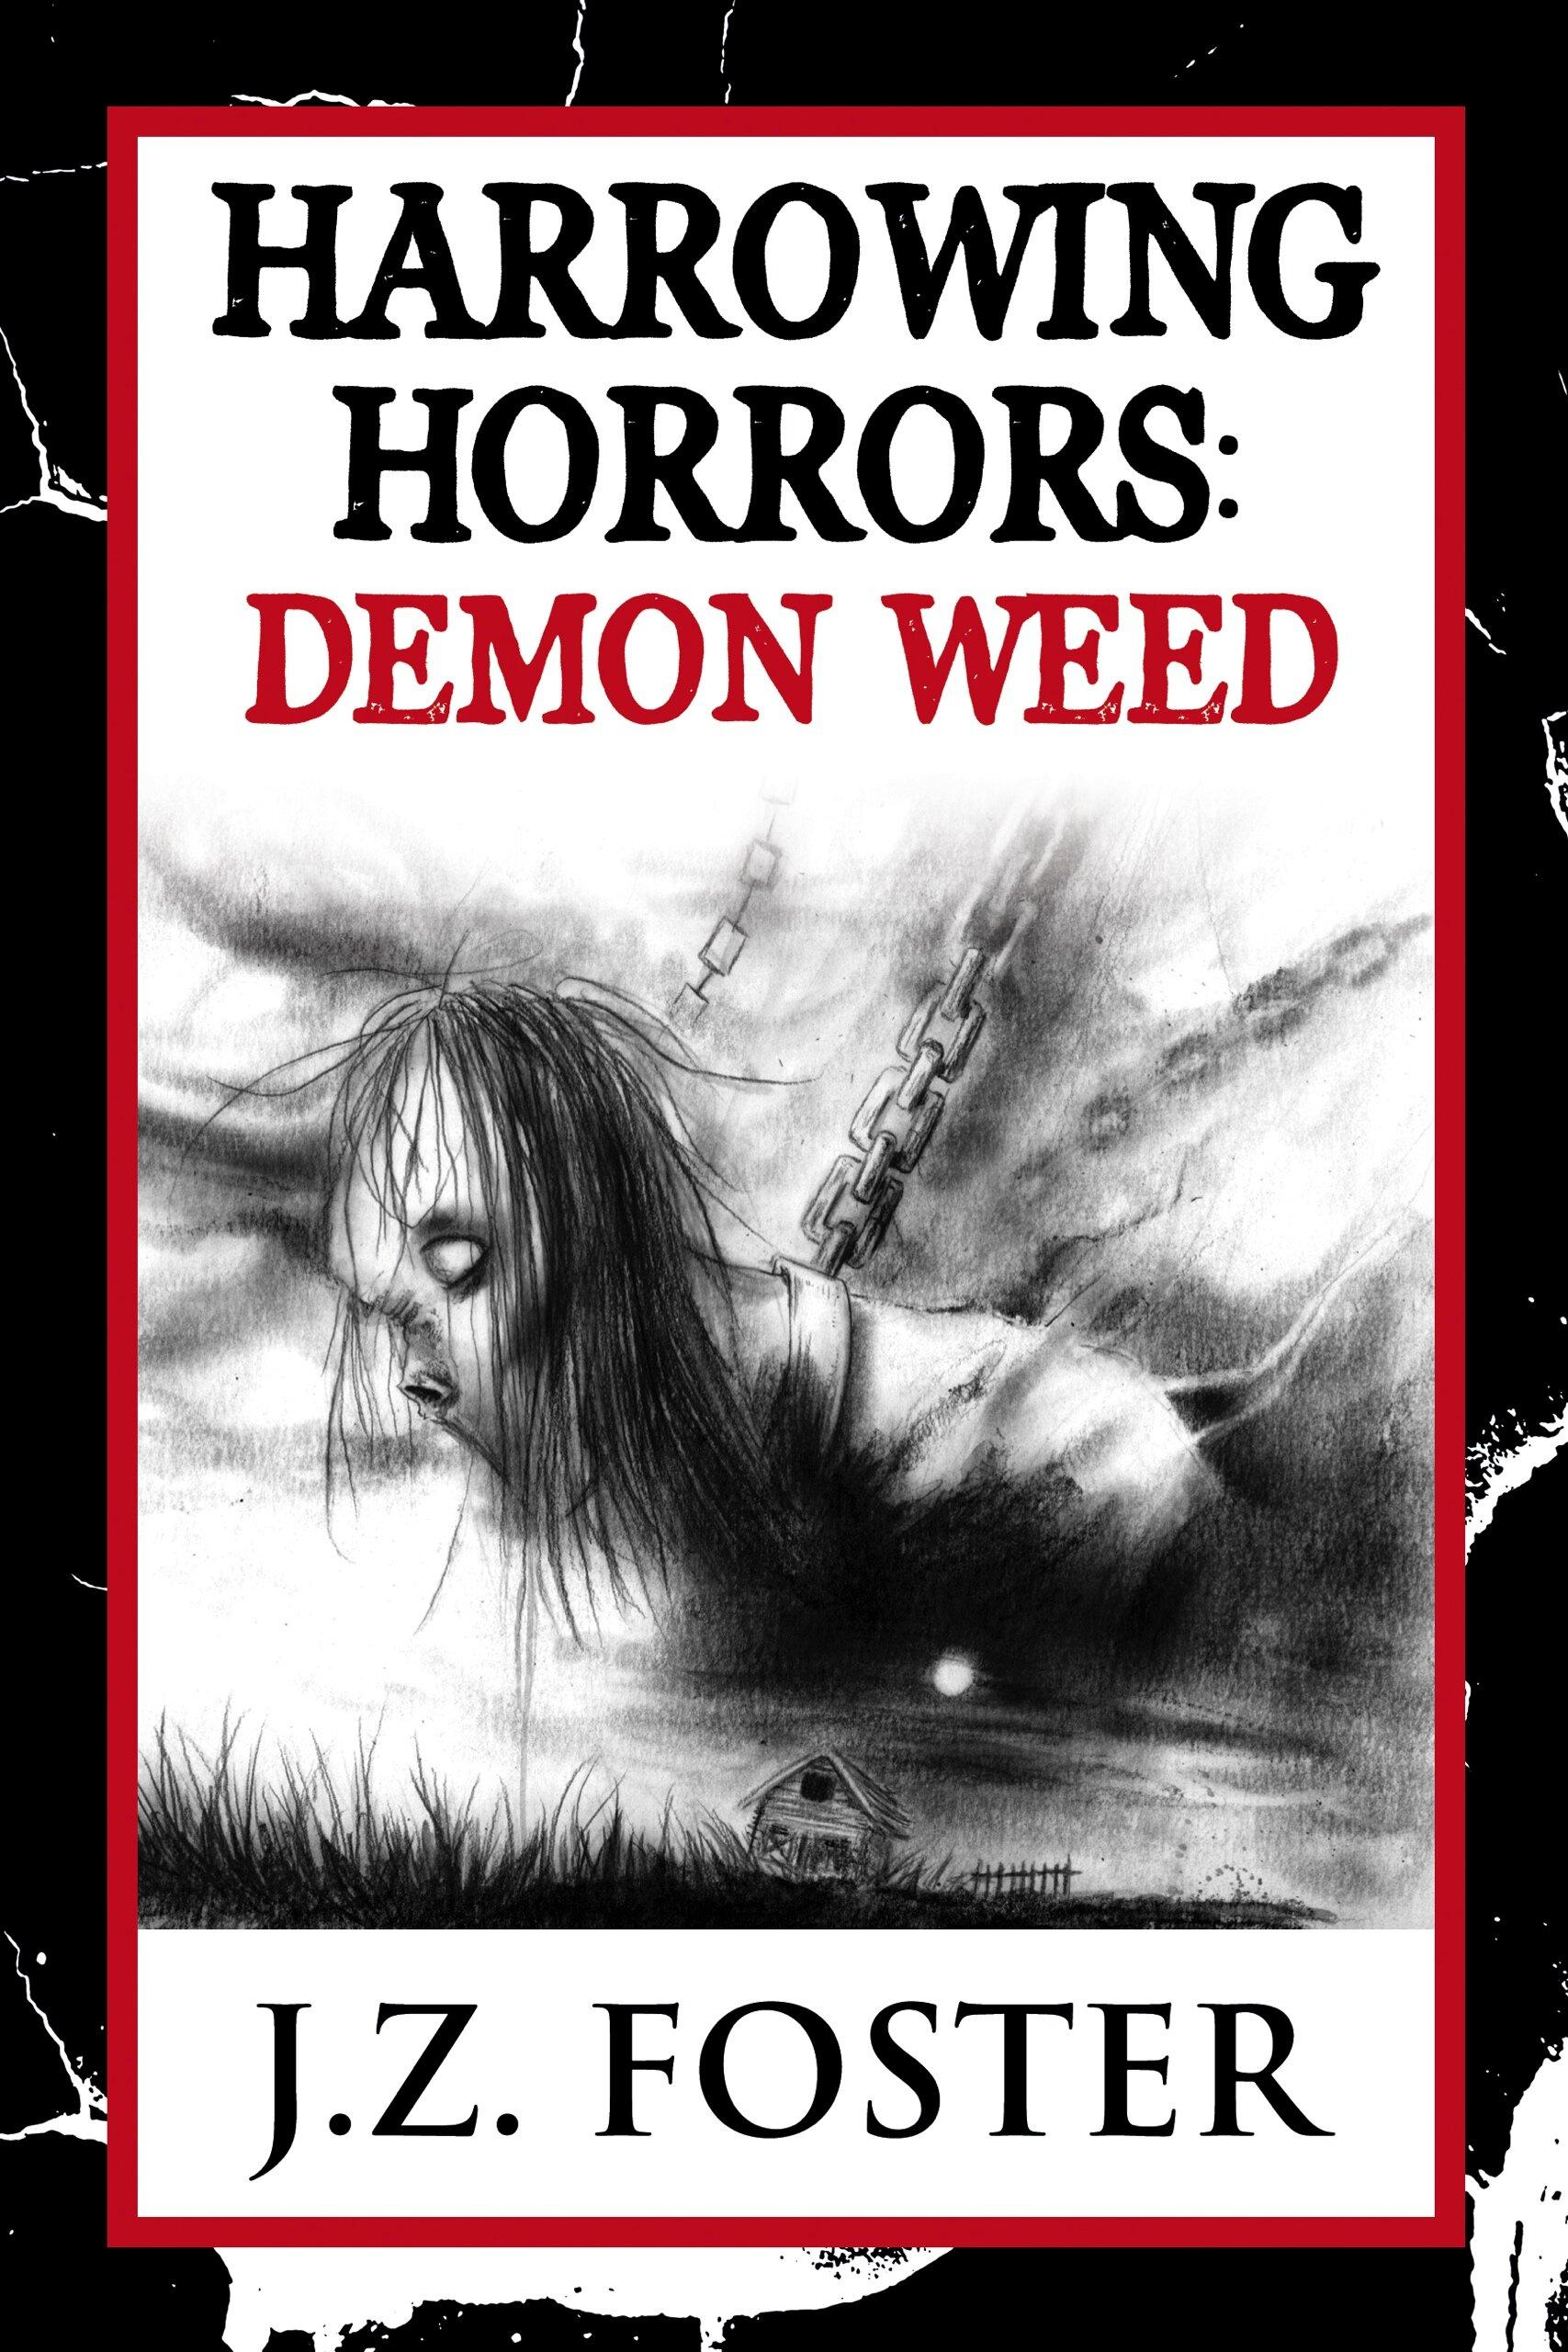 Harrowing-Horrors-Demon-Weed-Kindle.jpg